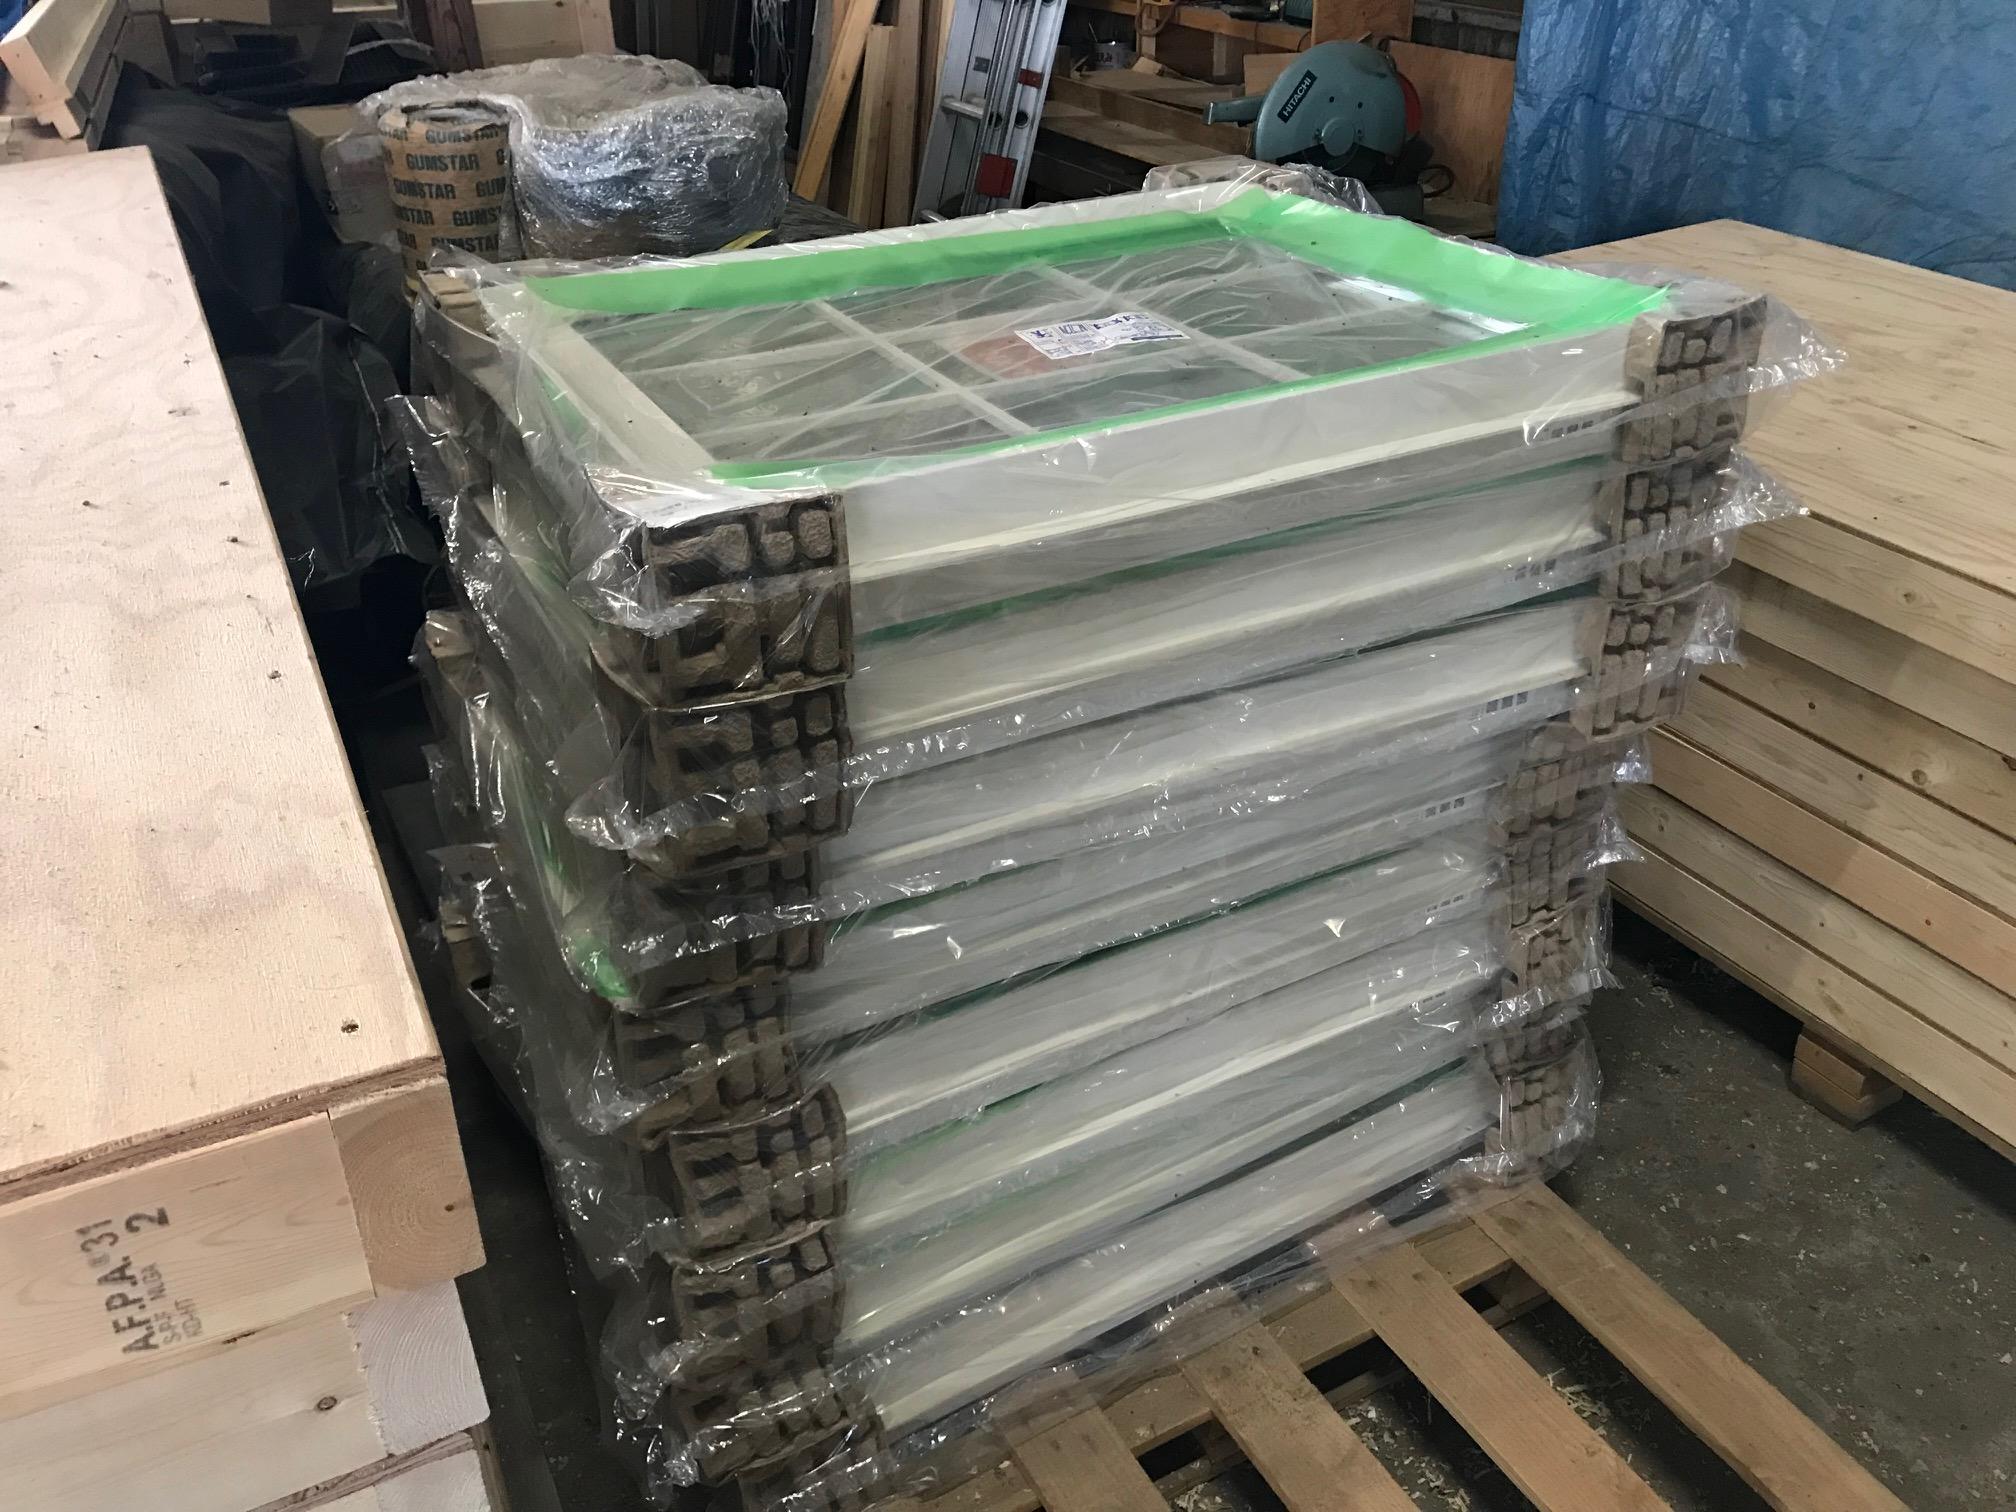 Low-Eガラスでなくてもペアガラスなど複層ガラスは、とても重量が重く、運搬や施工に注意が必要です。